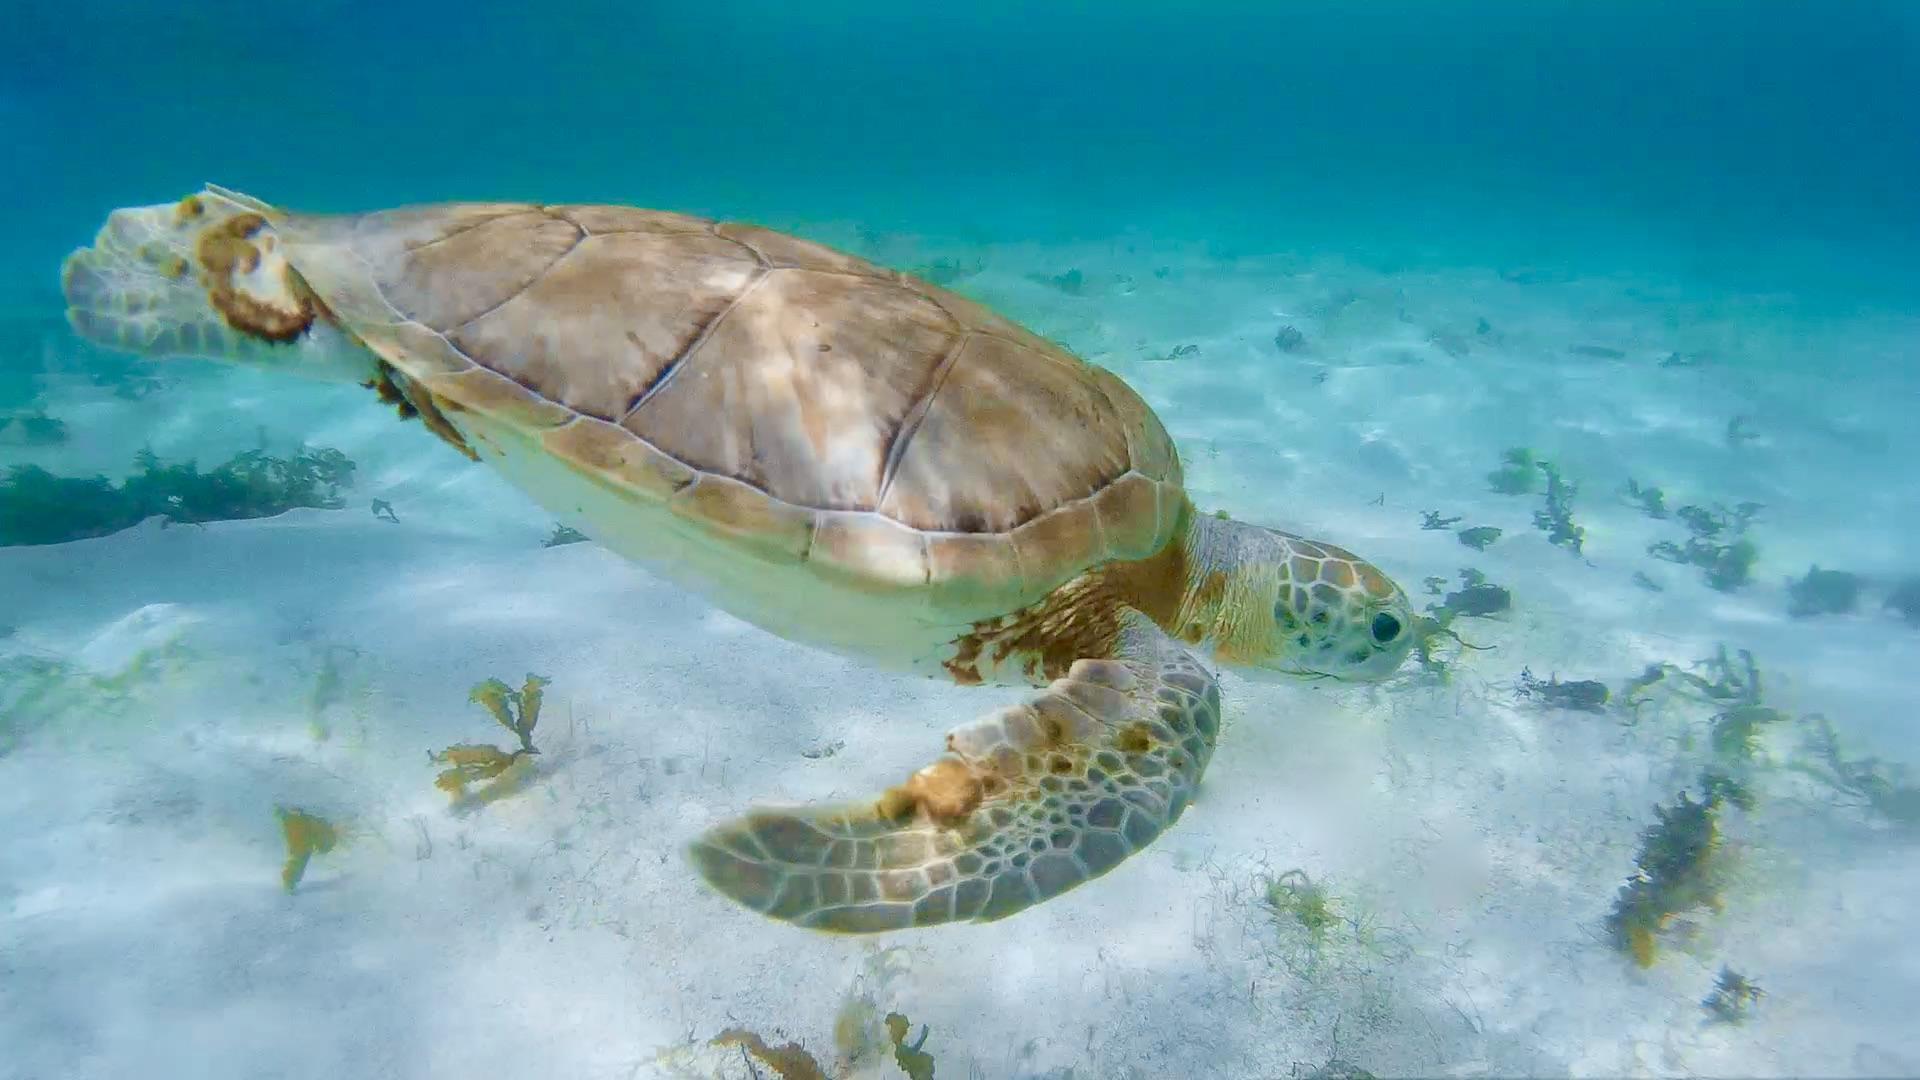 Tortue marine - Snorkeling a l'île de la petite terre guadeloupe